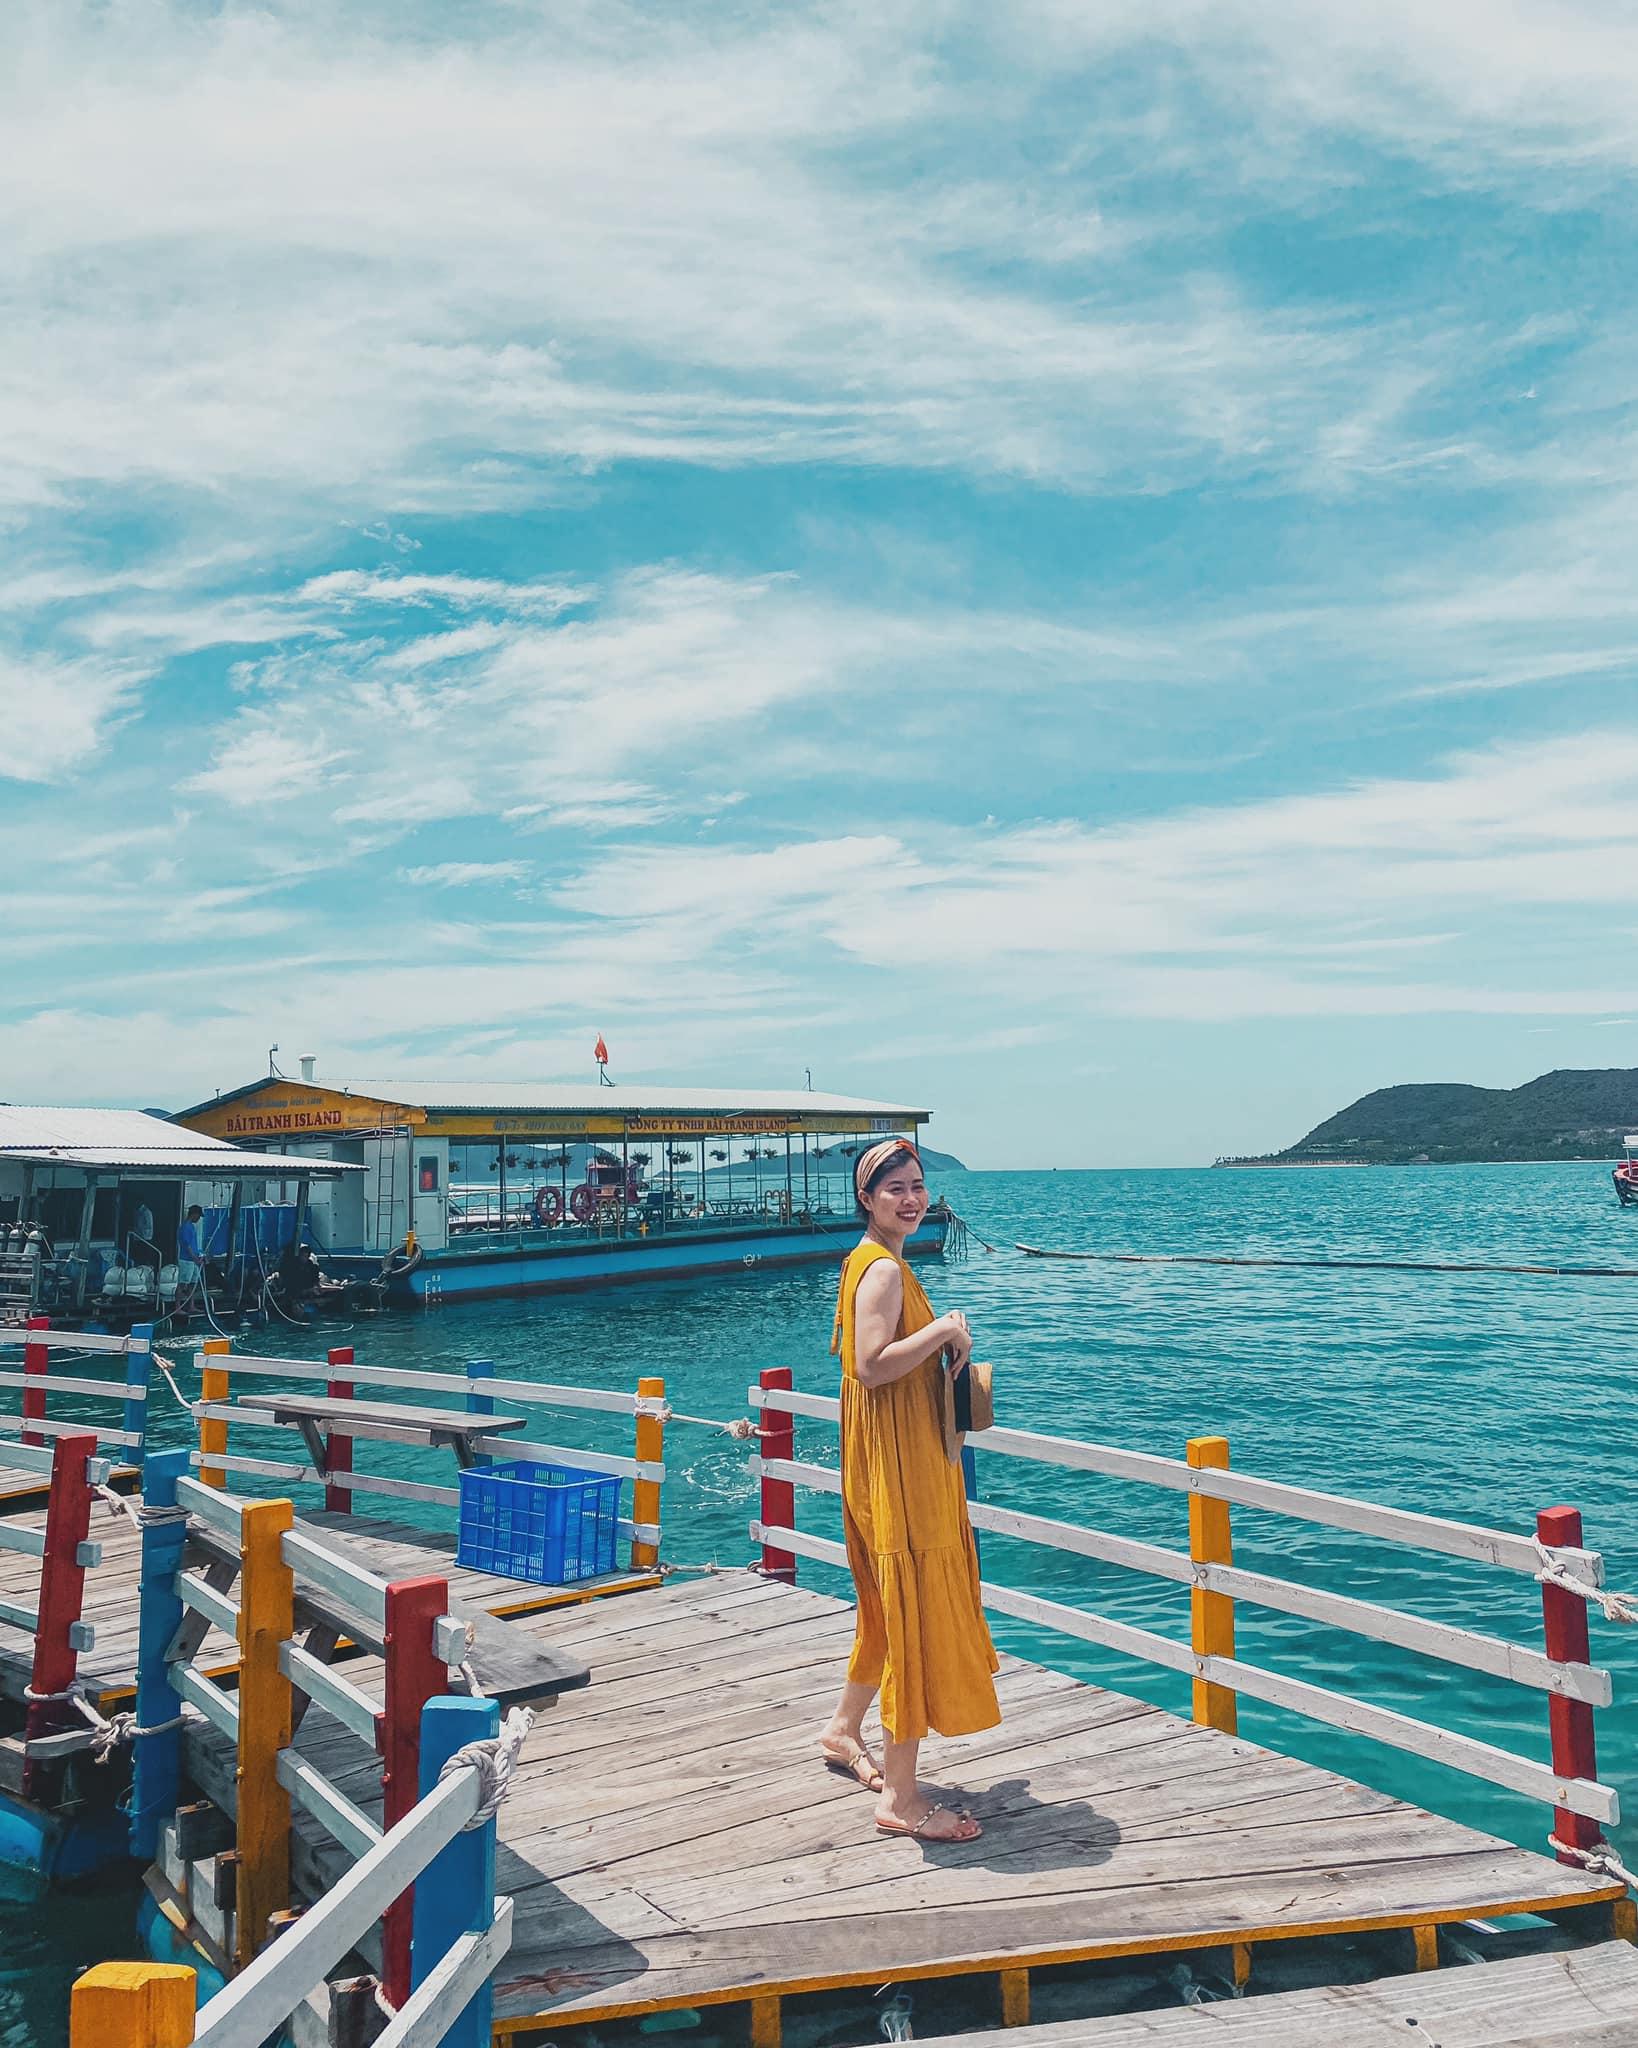 Tour du lịch Nha Trang khởi hành từ Hà Nội: Giảm giá sốc nhiều gói tour trong dịp hè này  - Ảnh 5.